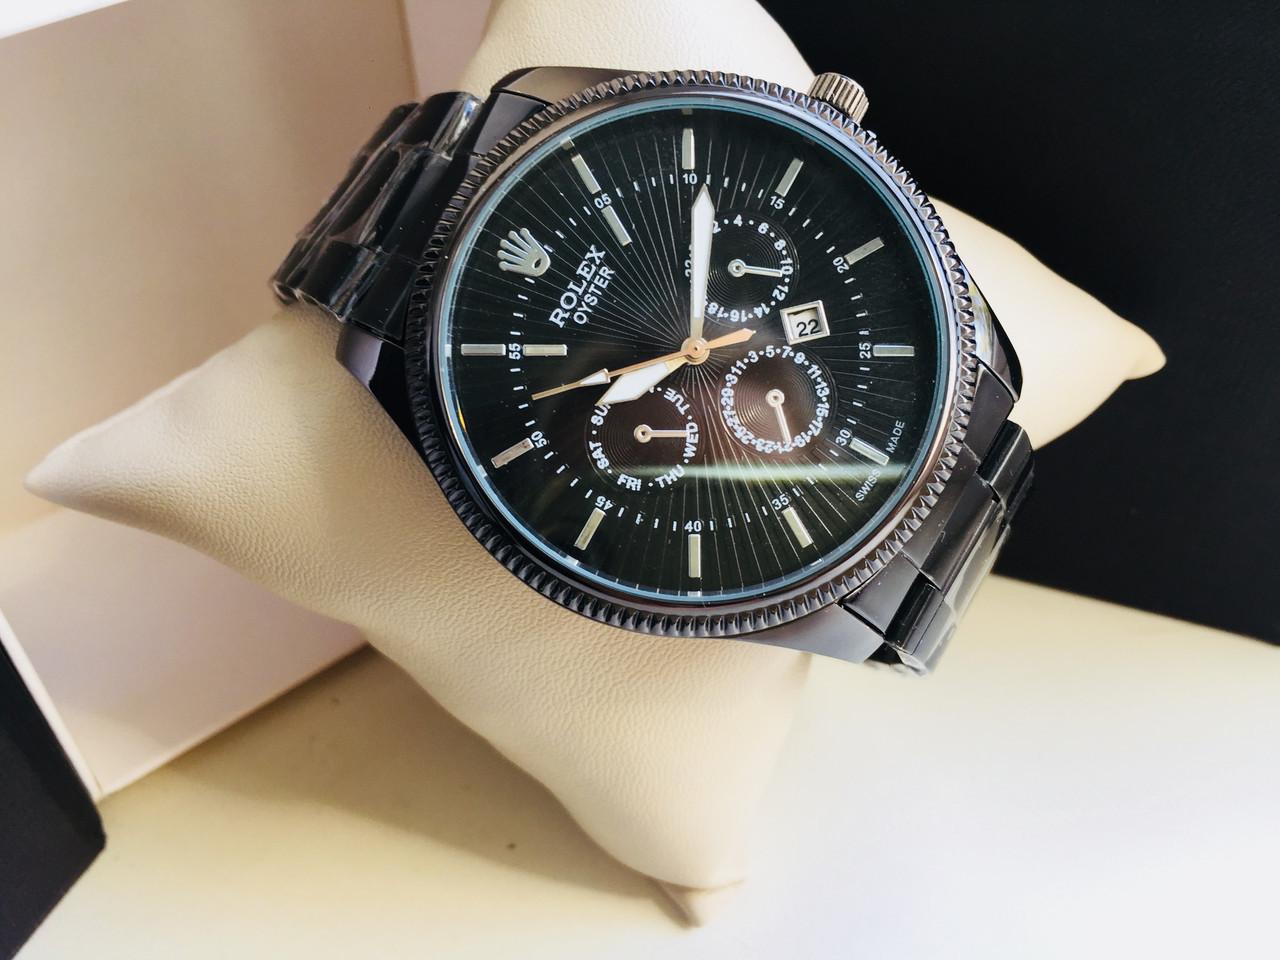 af7a0294d3ad Копия Наручные часы Rolex мужские 1109185bn реплика - Магазин подарков  Часики в Харькове